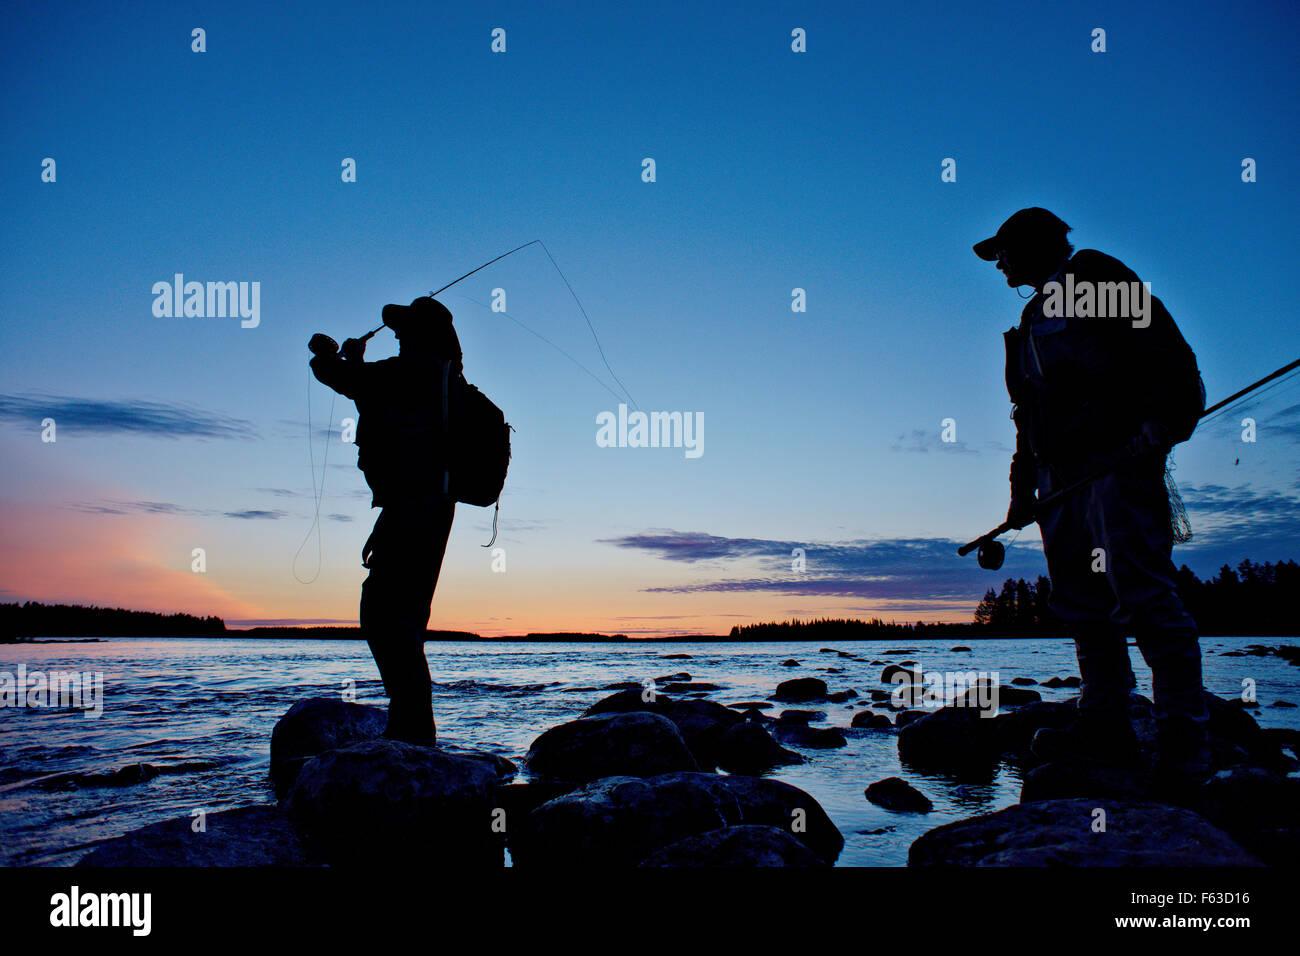 Volare pescatori cercando di catturare la trota fario. Lentua rapids, Kuhmo, in Finlandia. Immagini Stock